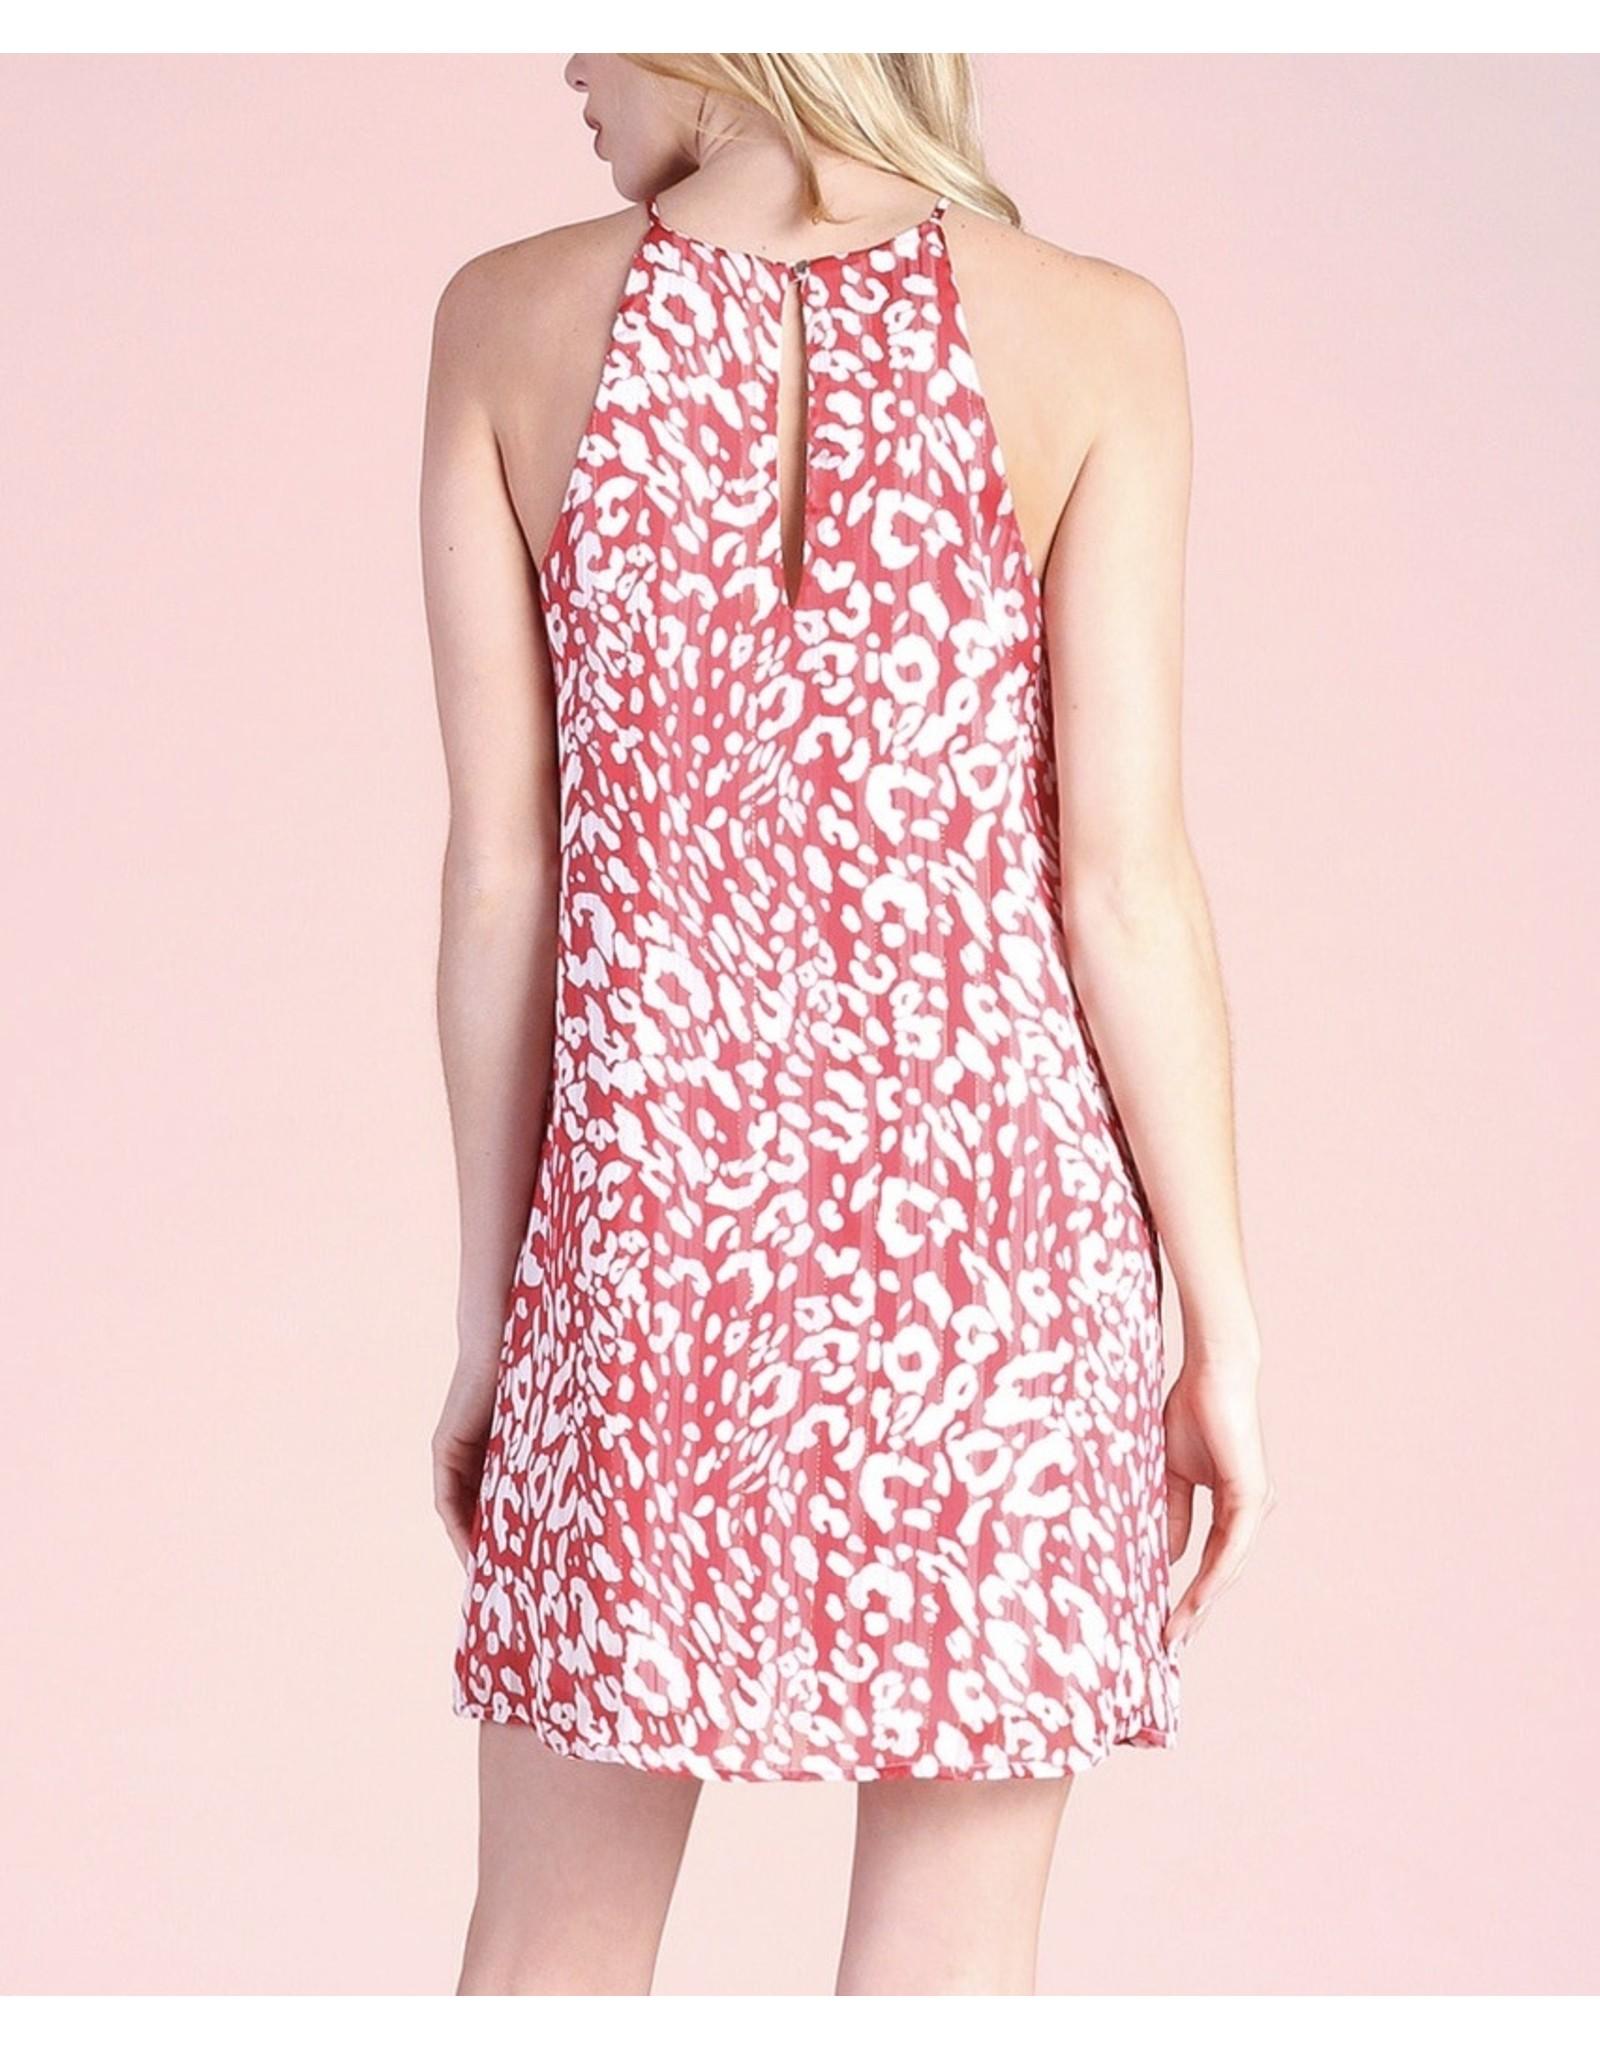 Leopard Lurex Chiffon Dress - Red